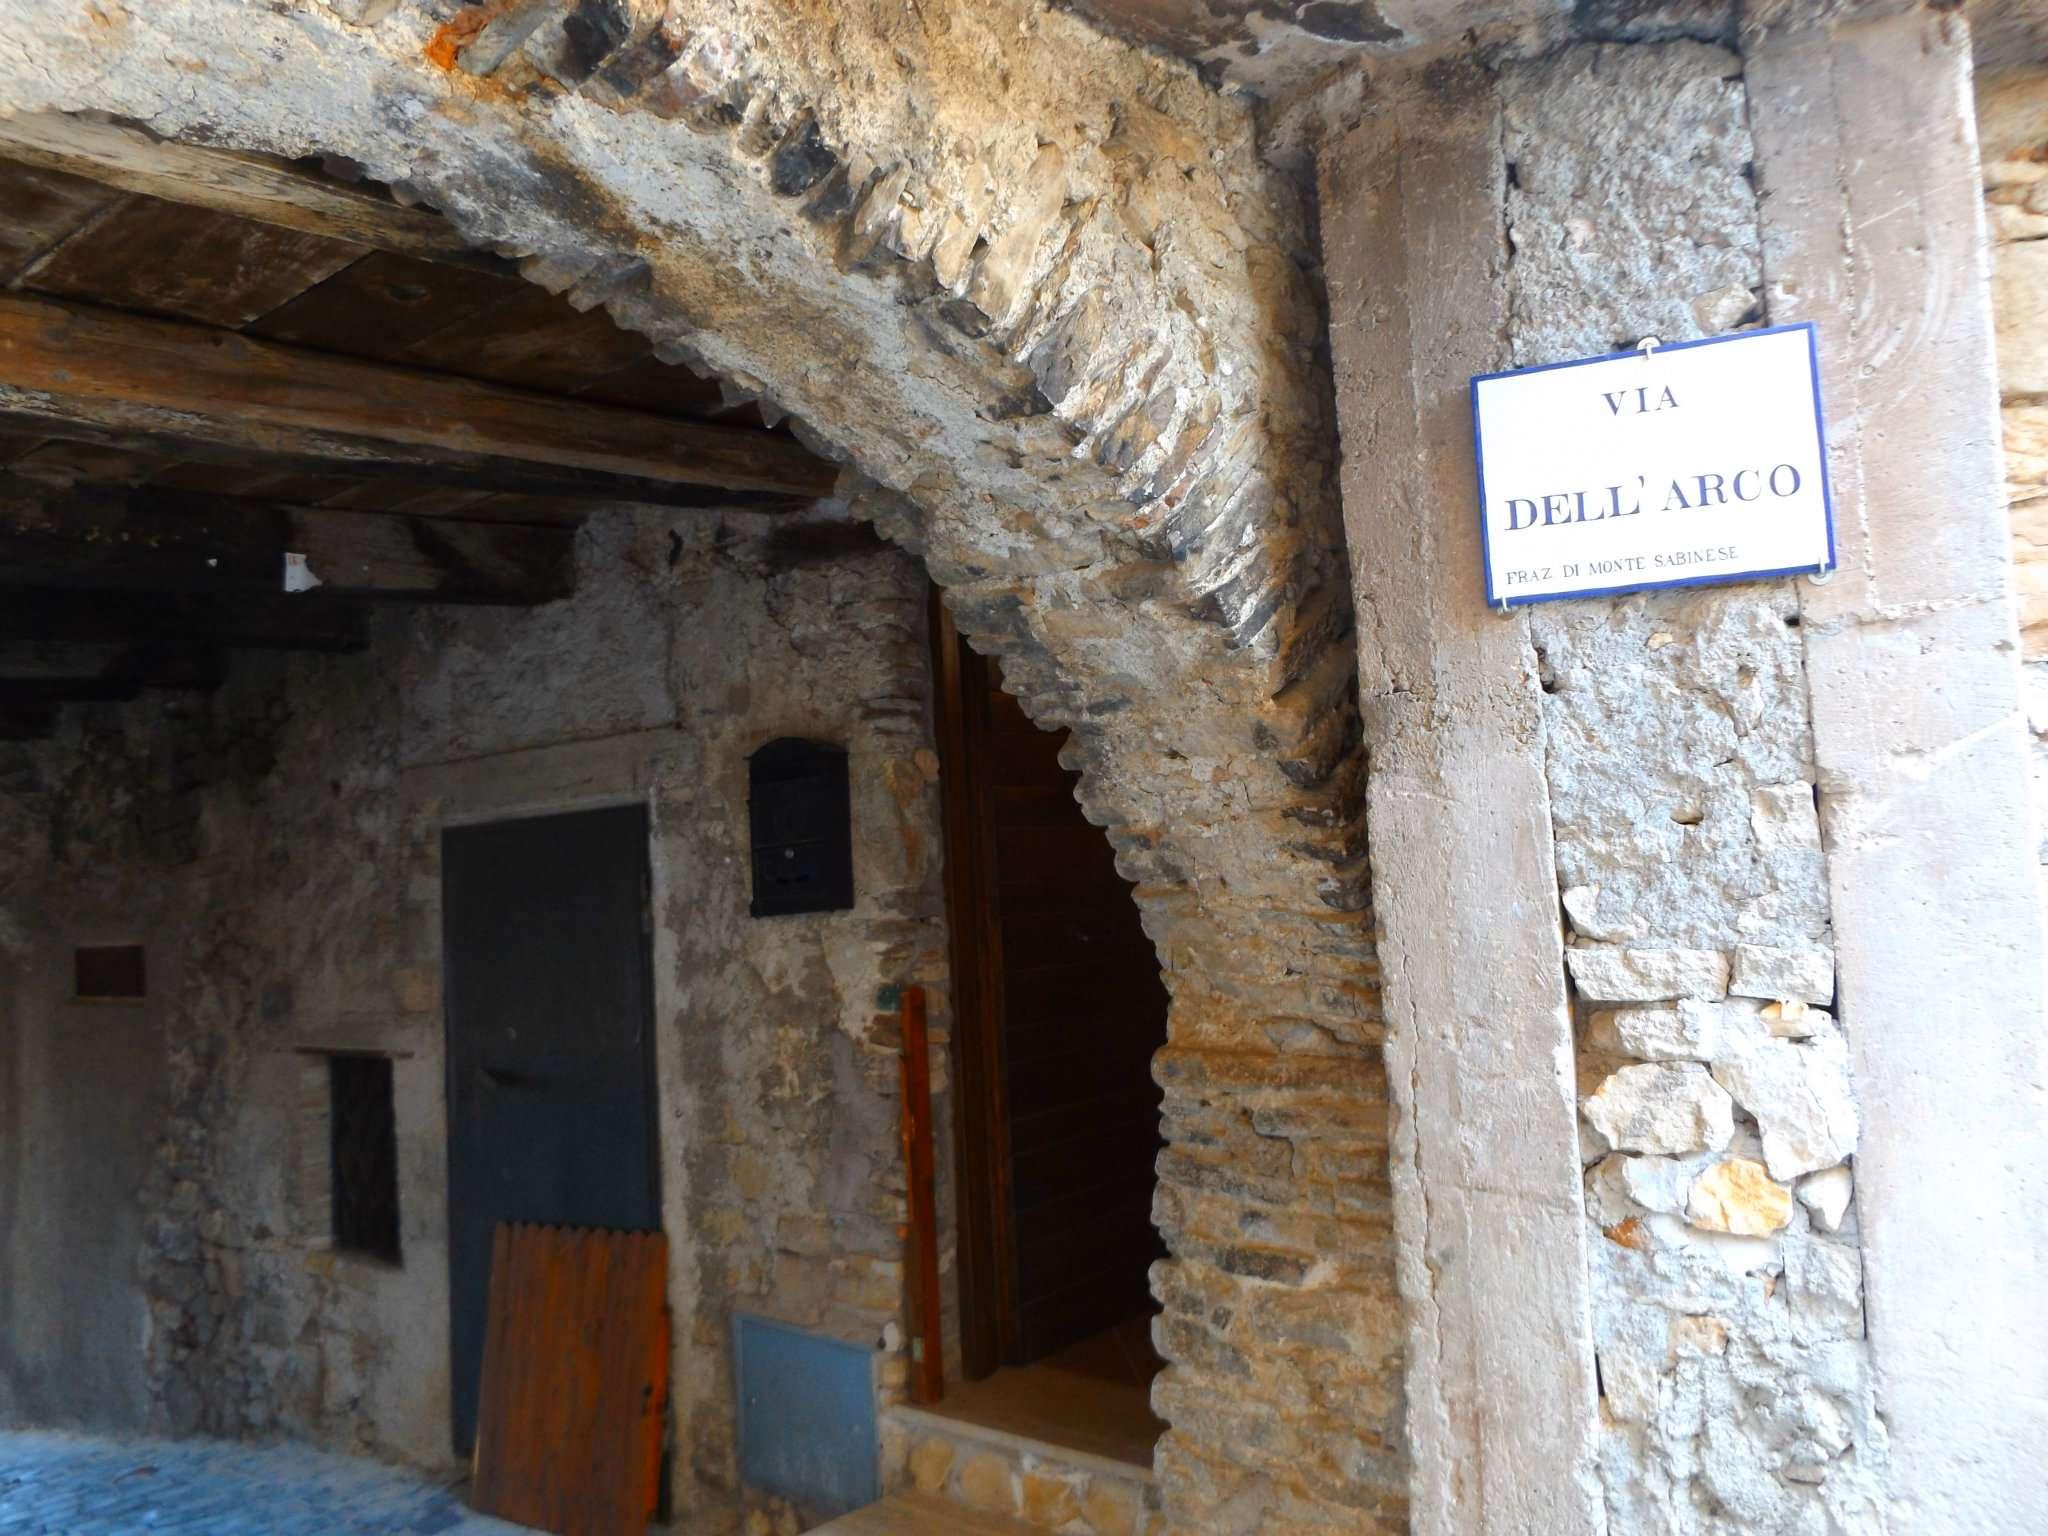 Palazzo / Stabile in vendita a Carsoli, 4 locali, prezzo € 43.000 | CambioCasa.it